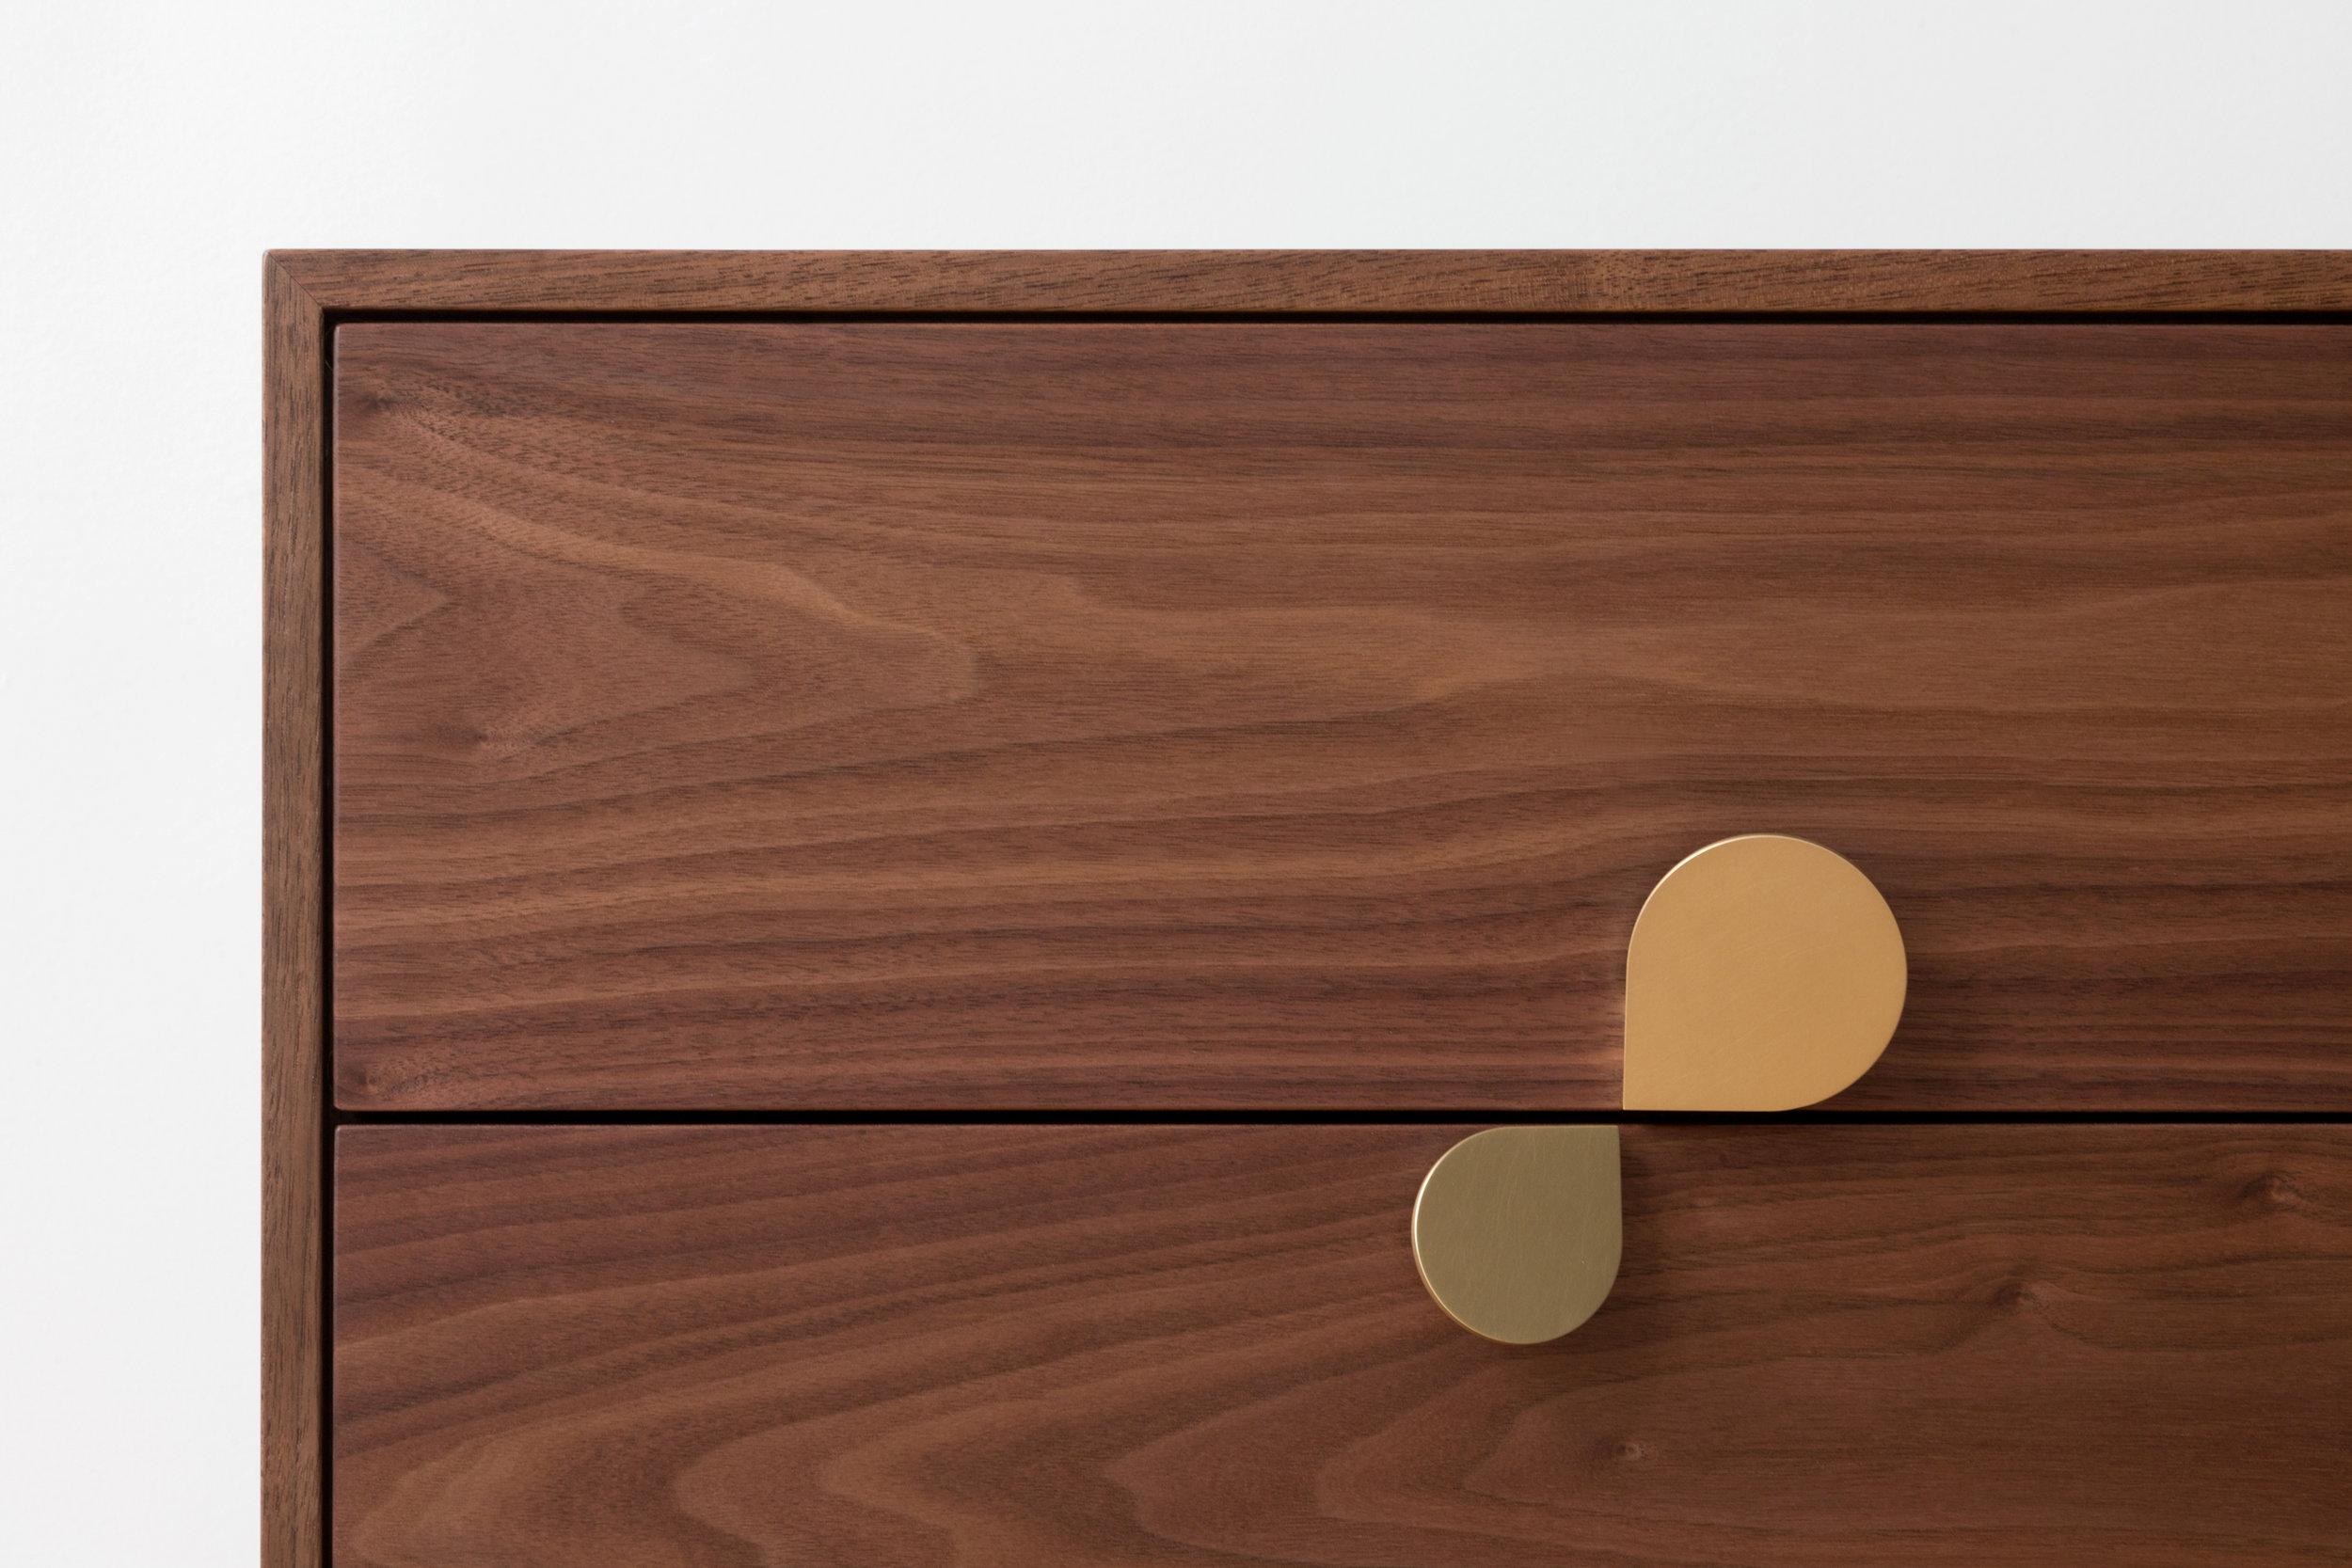 Petals-Side-Table-Detail-2.jpg